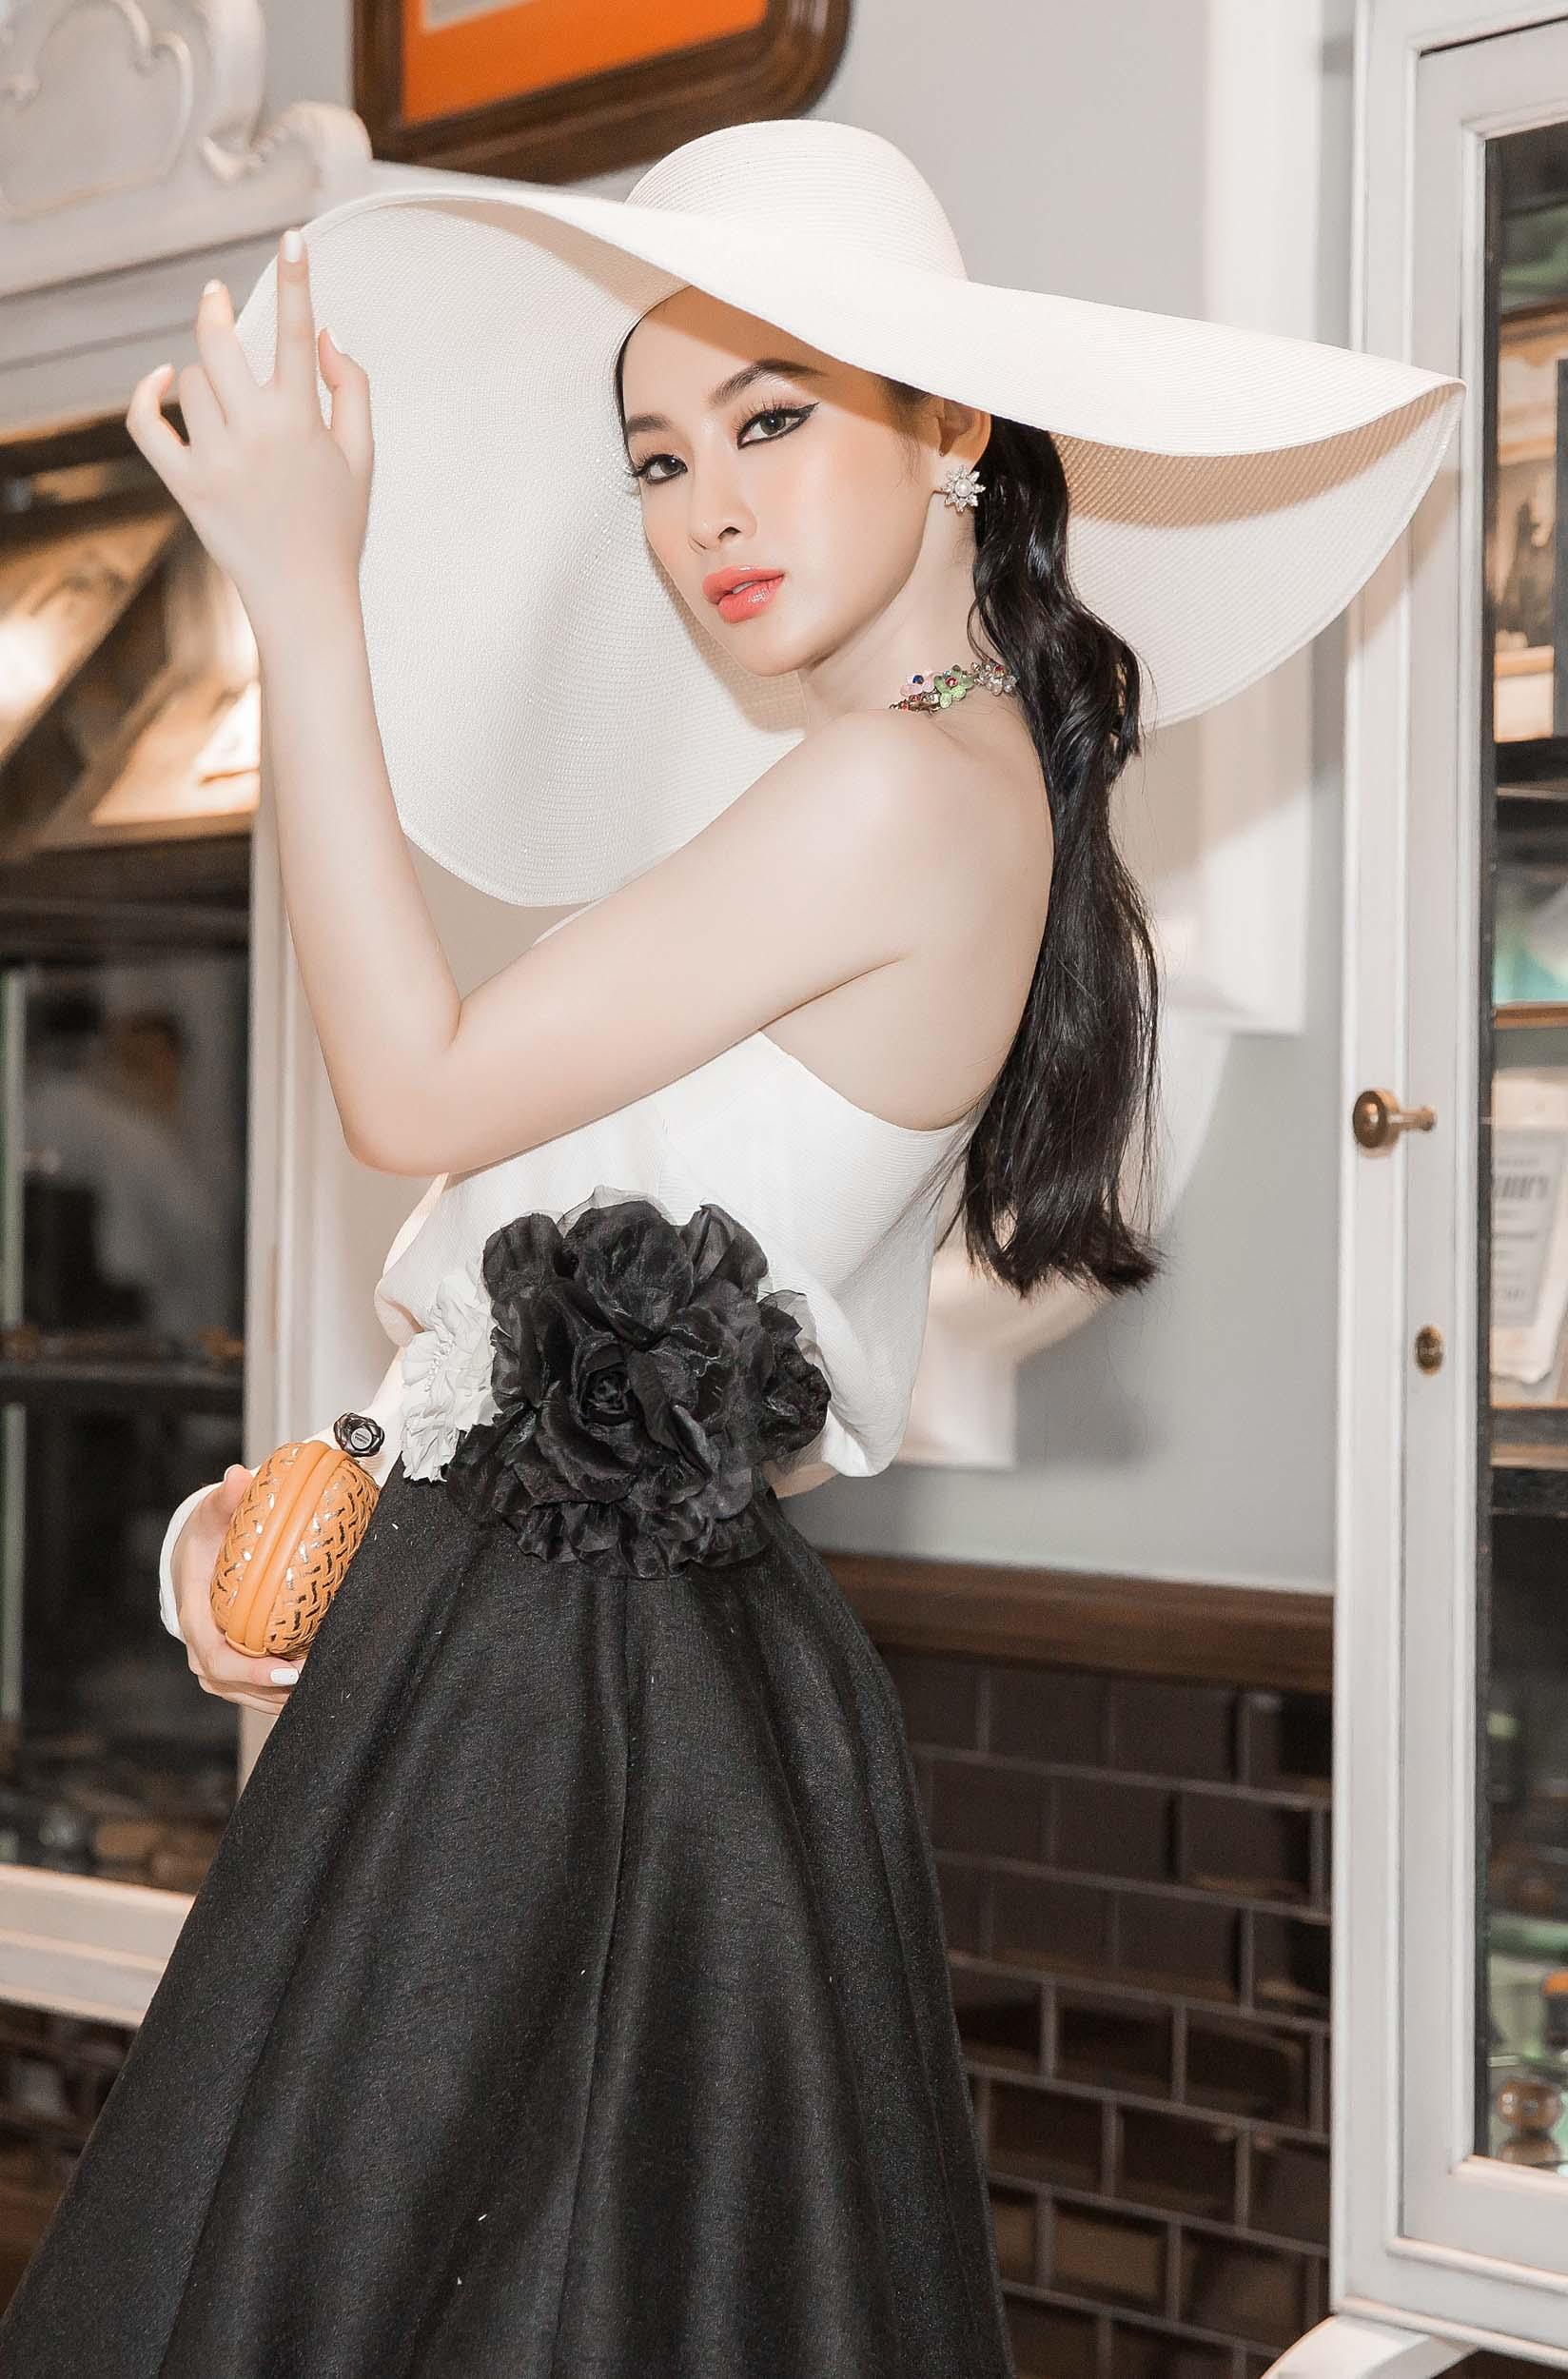 Angela Phương Trinh gây ngạc nhiên trong bộ ảnh nữ sinh